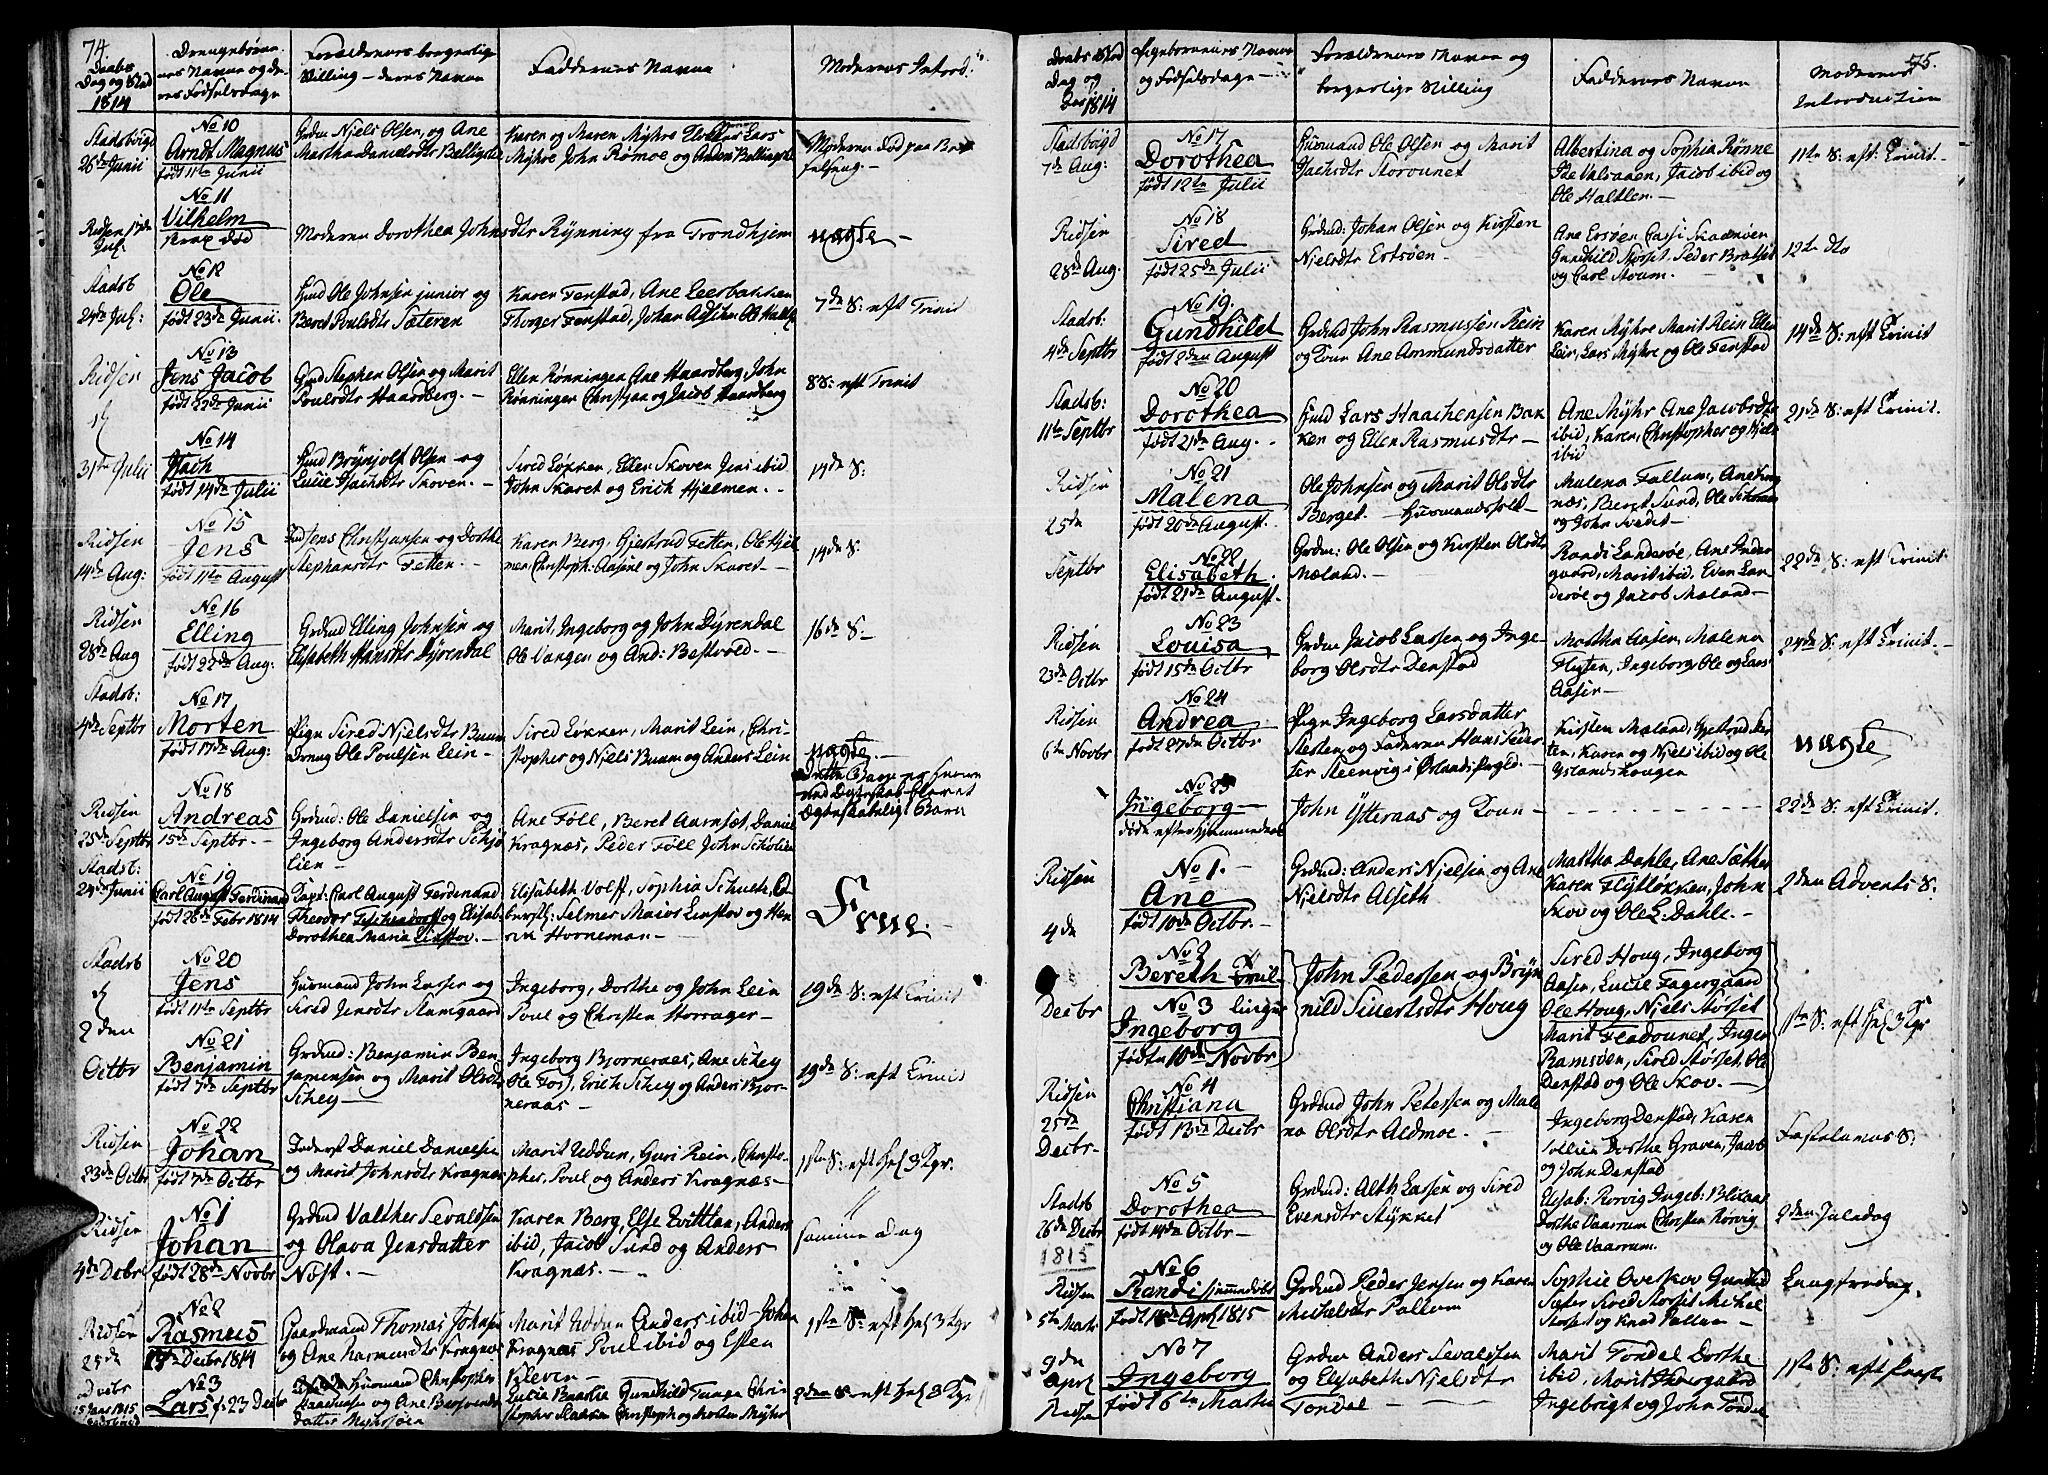 SAT, Ministerialprotokoller, klokkerbøker og fødselsregistre - Sør-Trøndelag, 646/L0607: Ministerialbok nr. 646A05, 1806-1815, s. 74-75